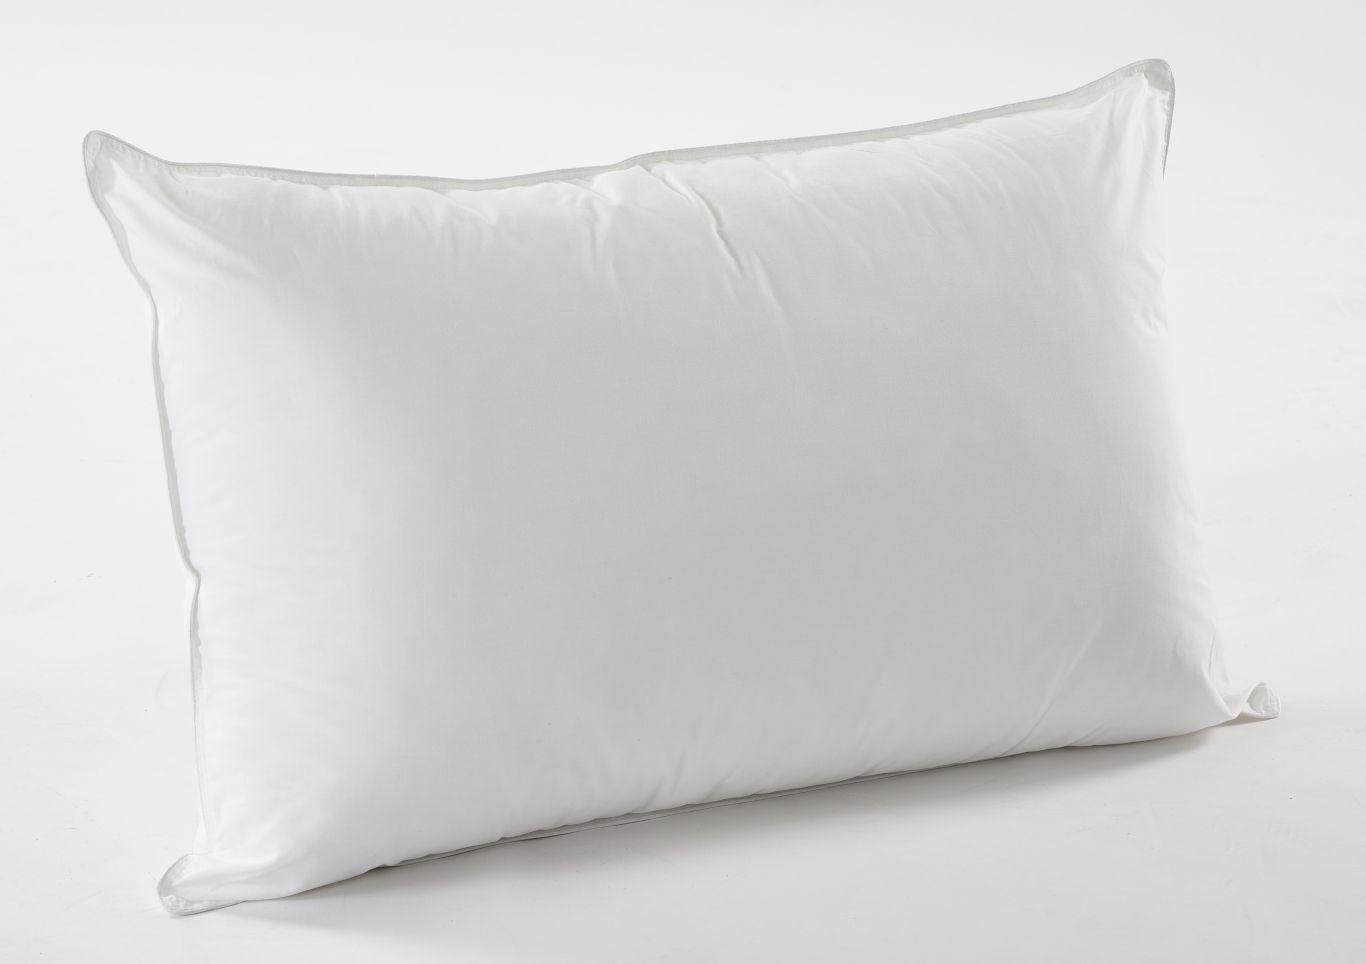 dunlopillo anti allergy pillow anti allergy allergies and latex